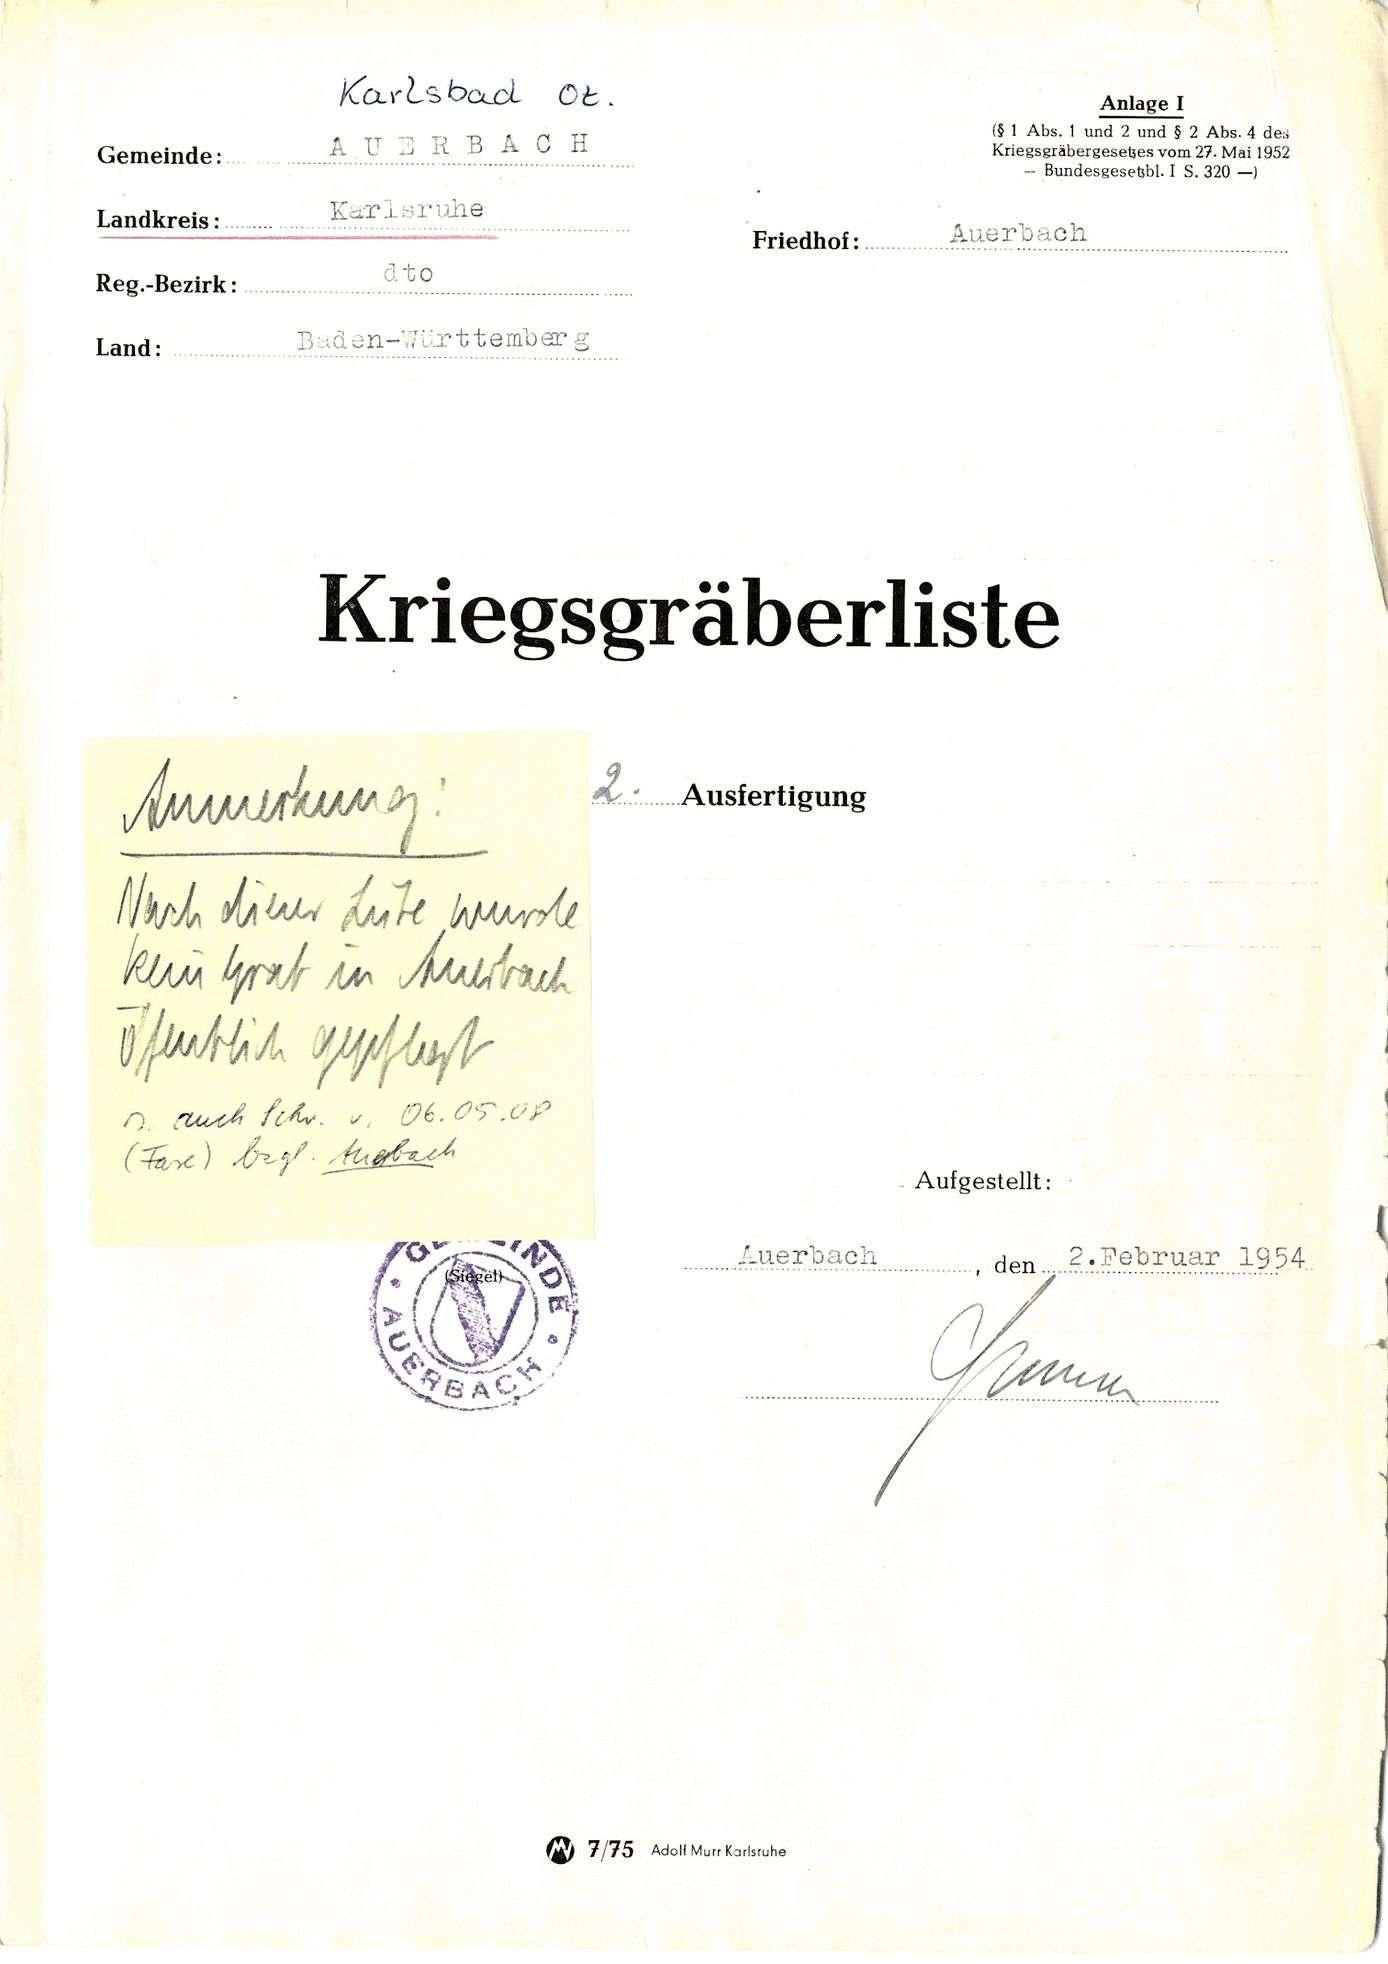 Auerbach, Bild 1